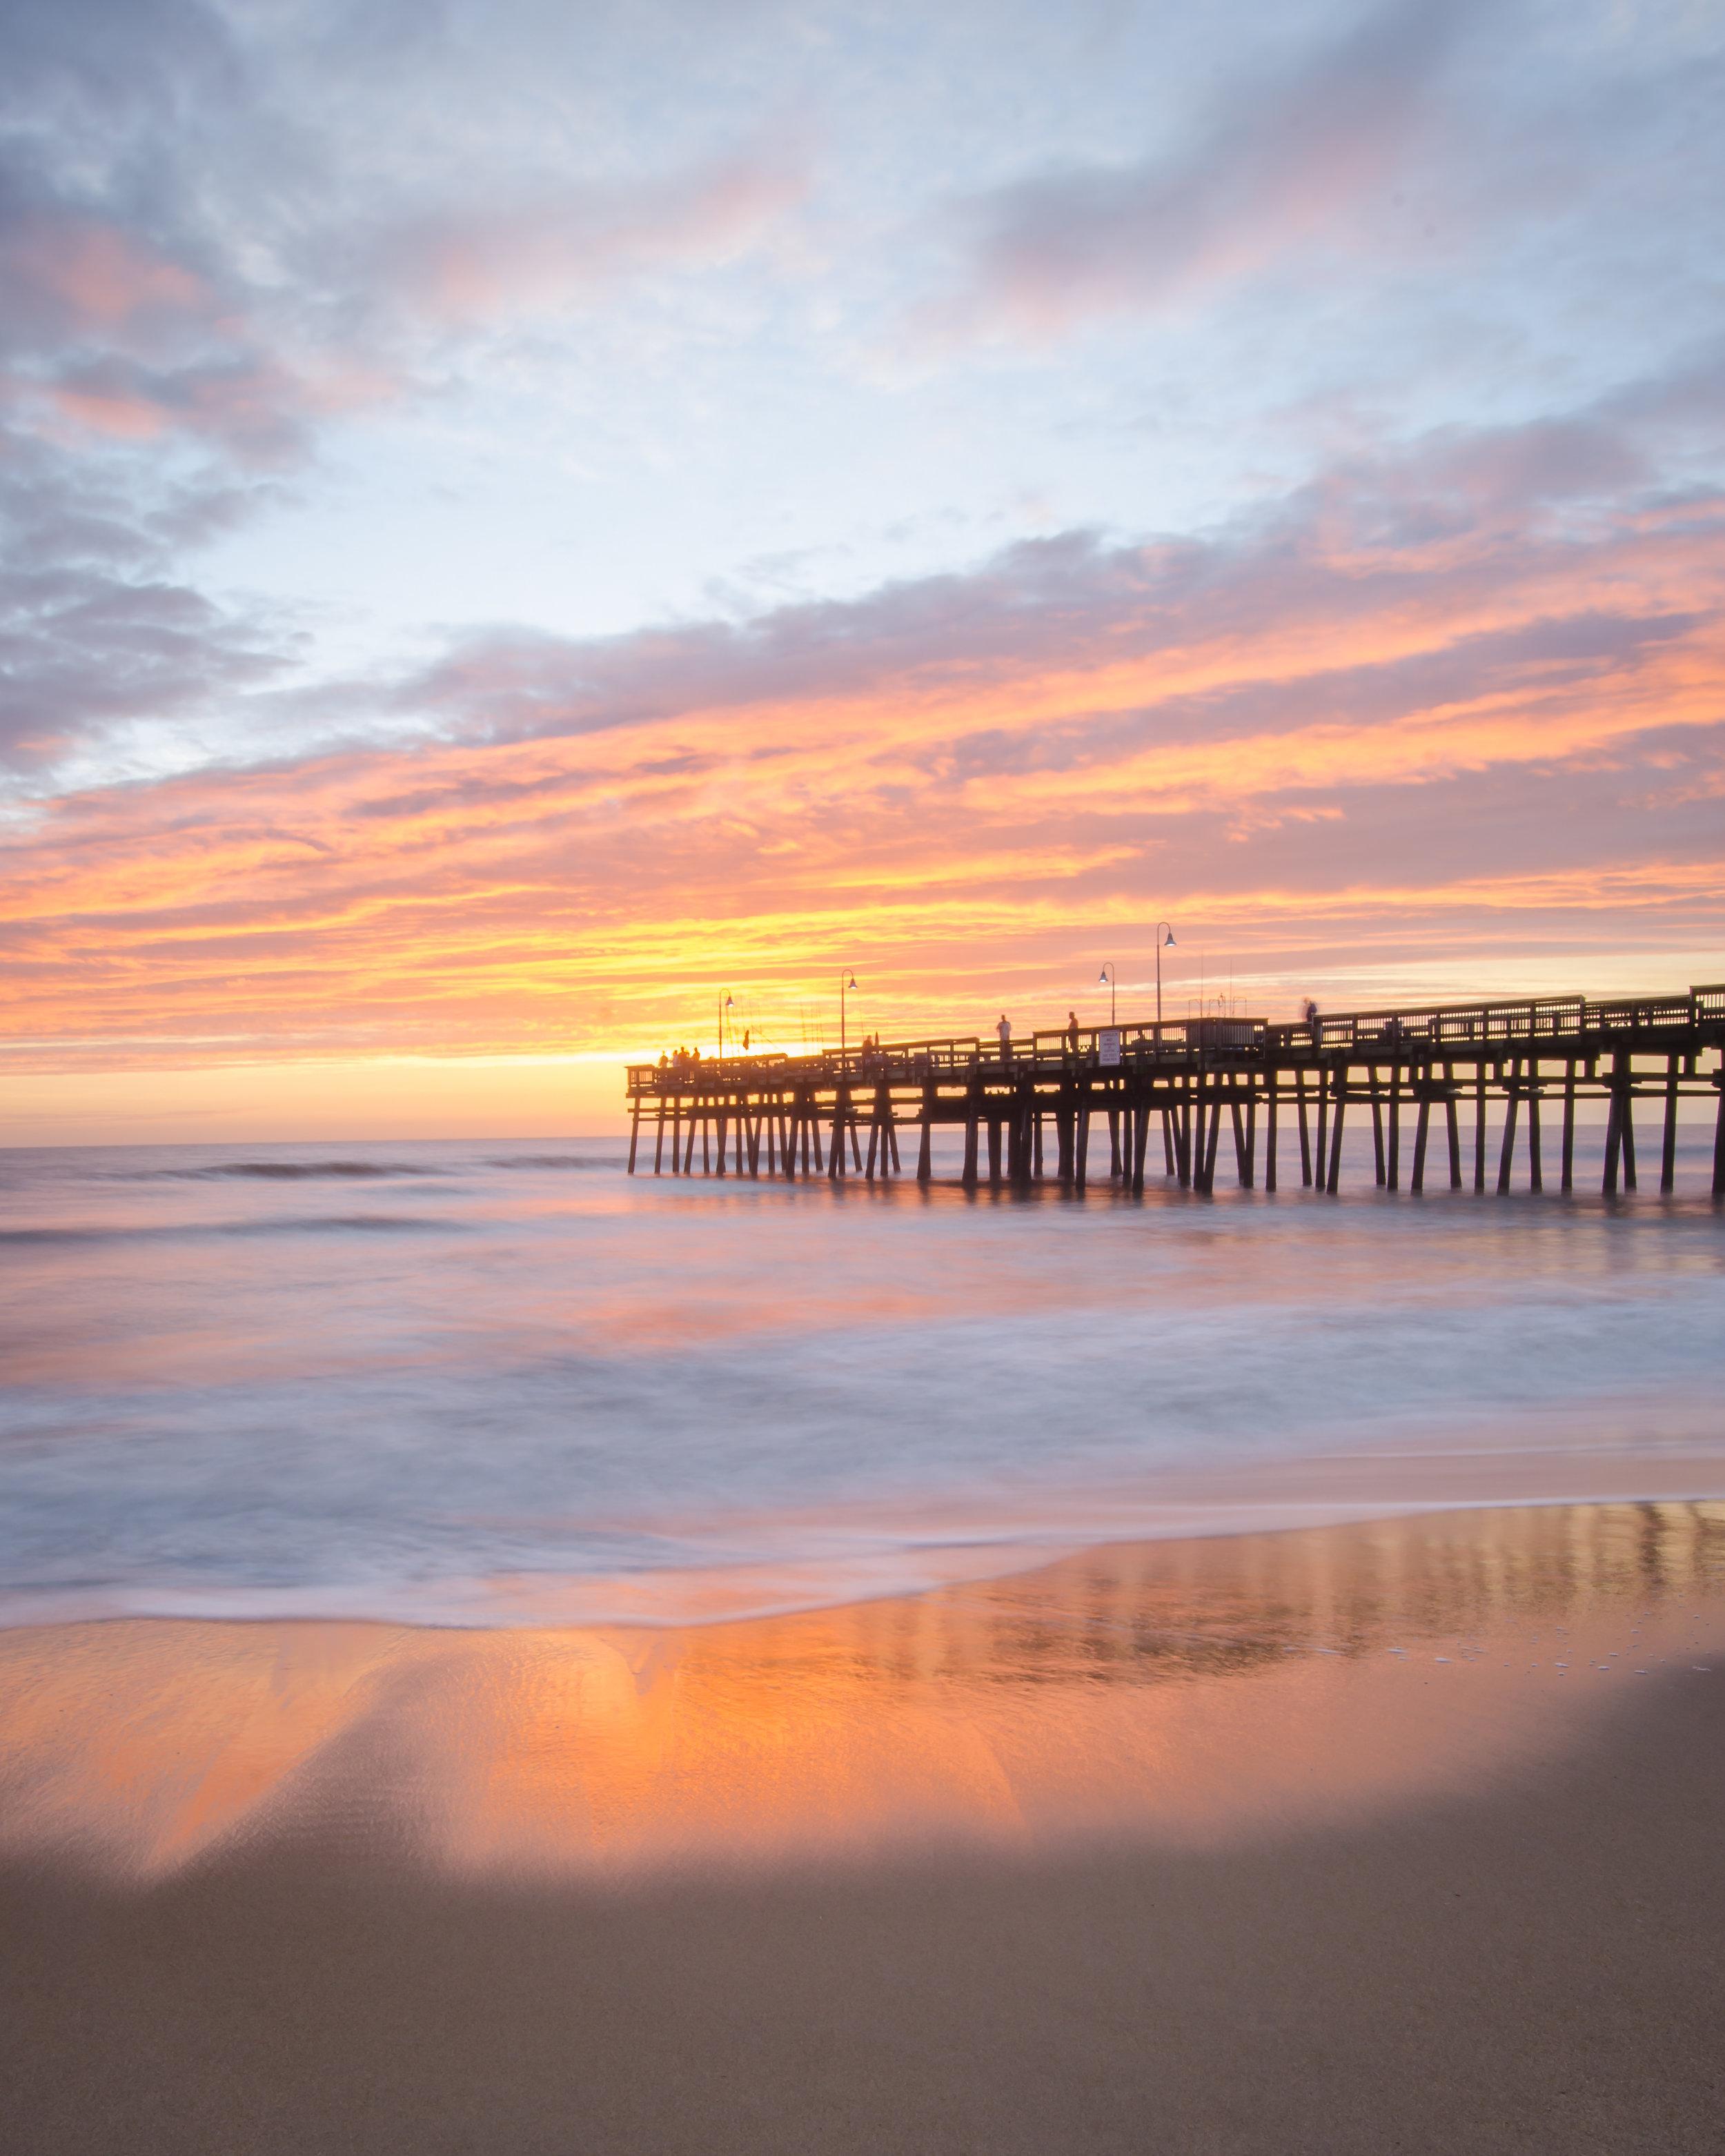 sandbridge-sandbridge pier-sandbridge beach-pier-sunrise-dawn-Virginia Beach-Virginia-reflection-beach.jpg